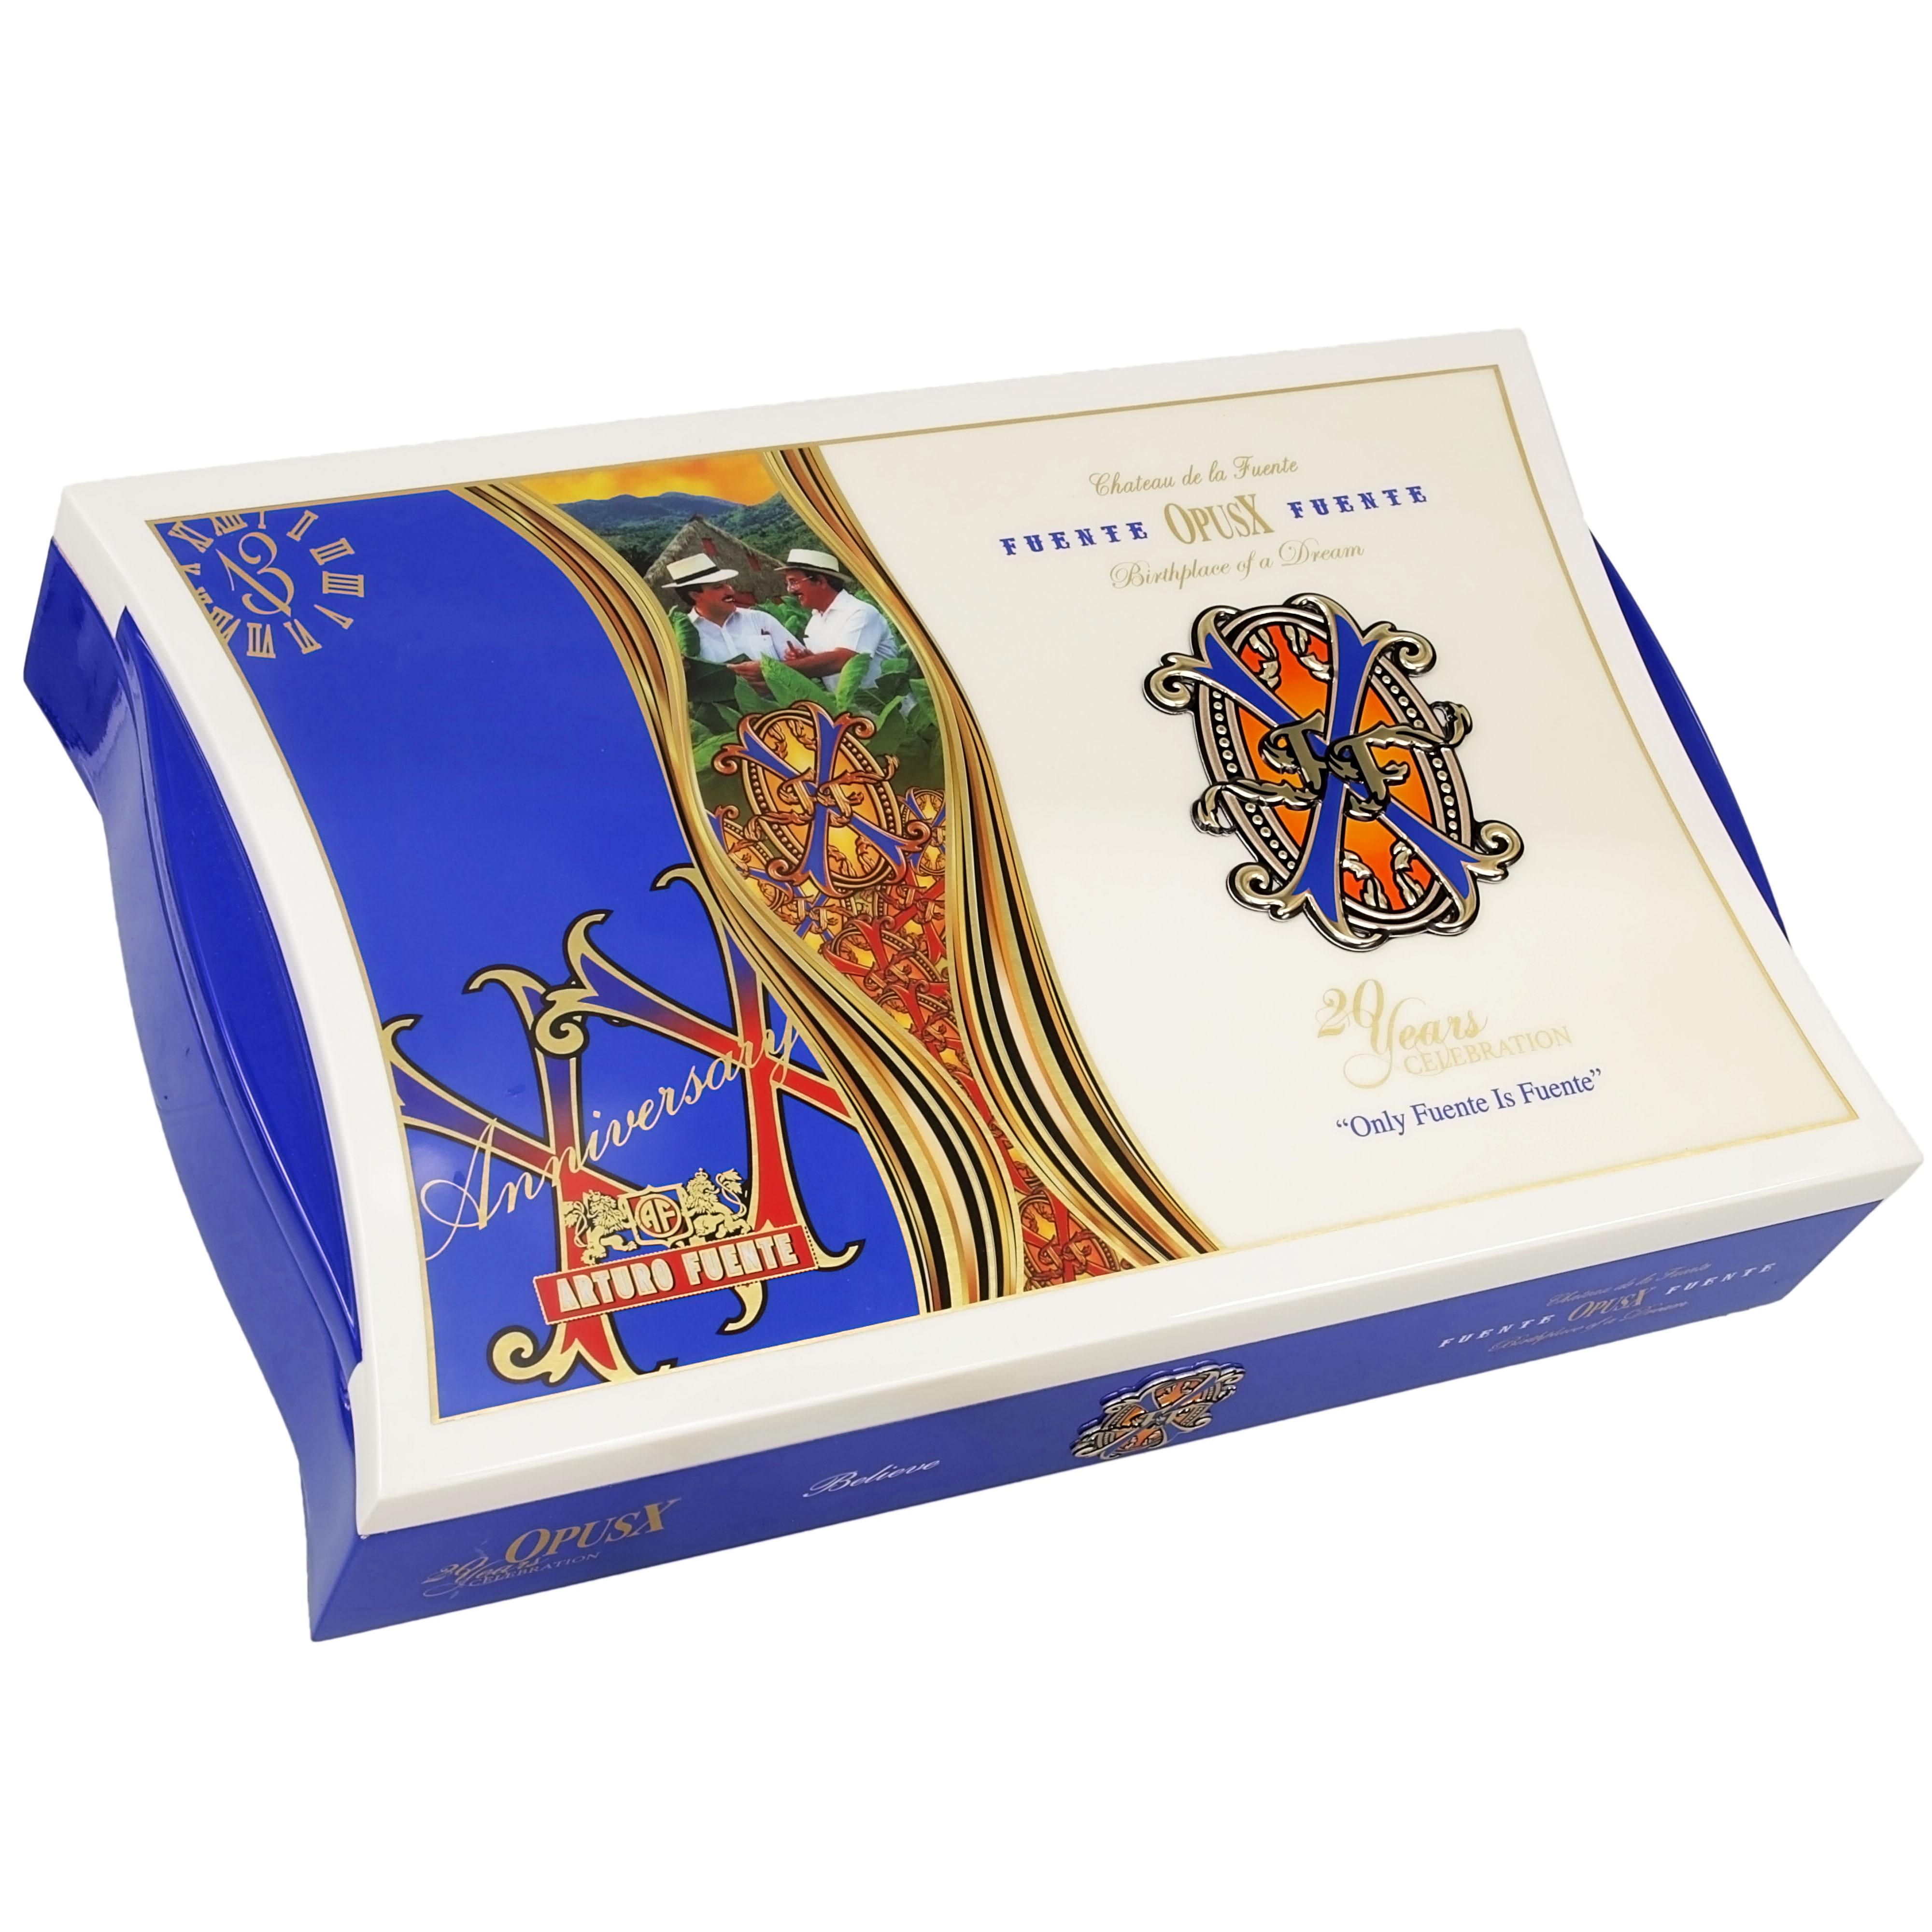 Opus X Forbidden X Empty Cigar Box